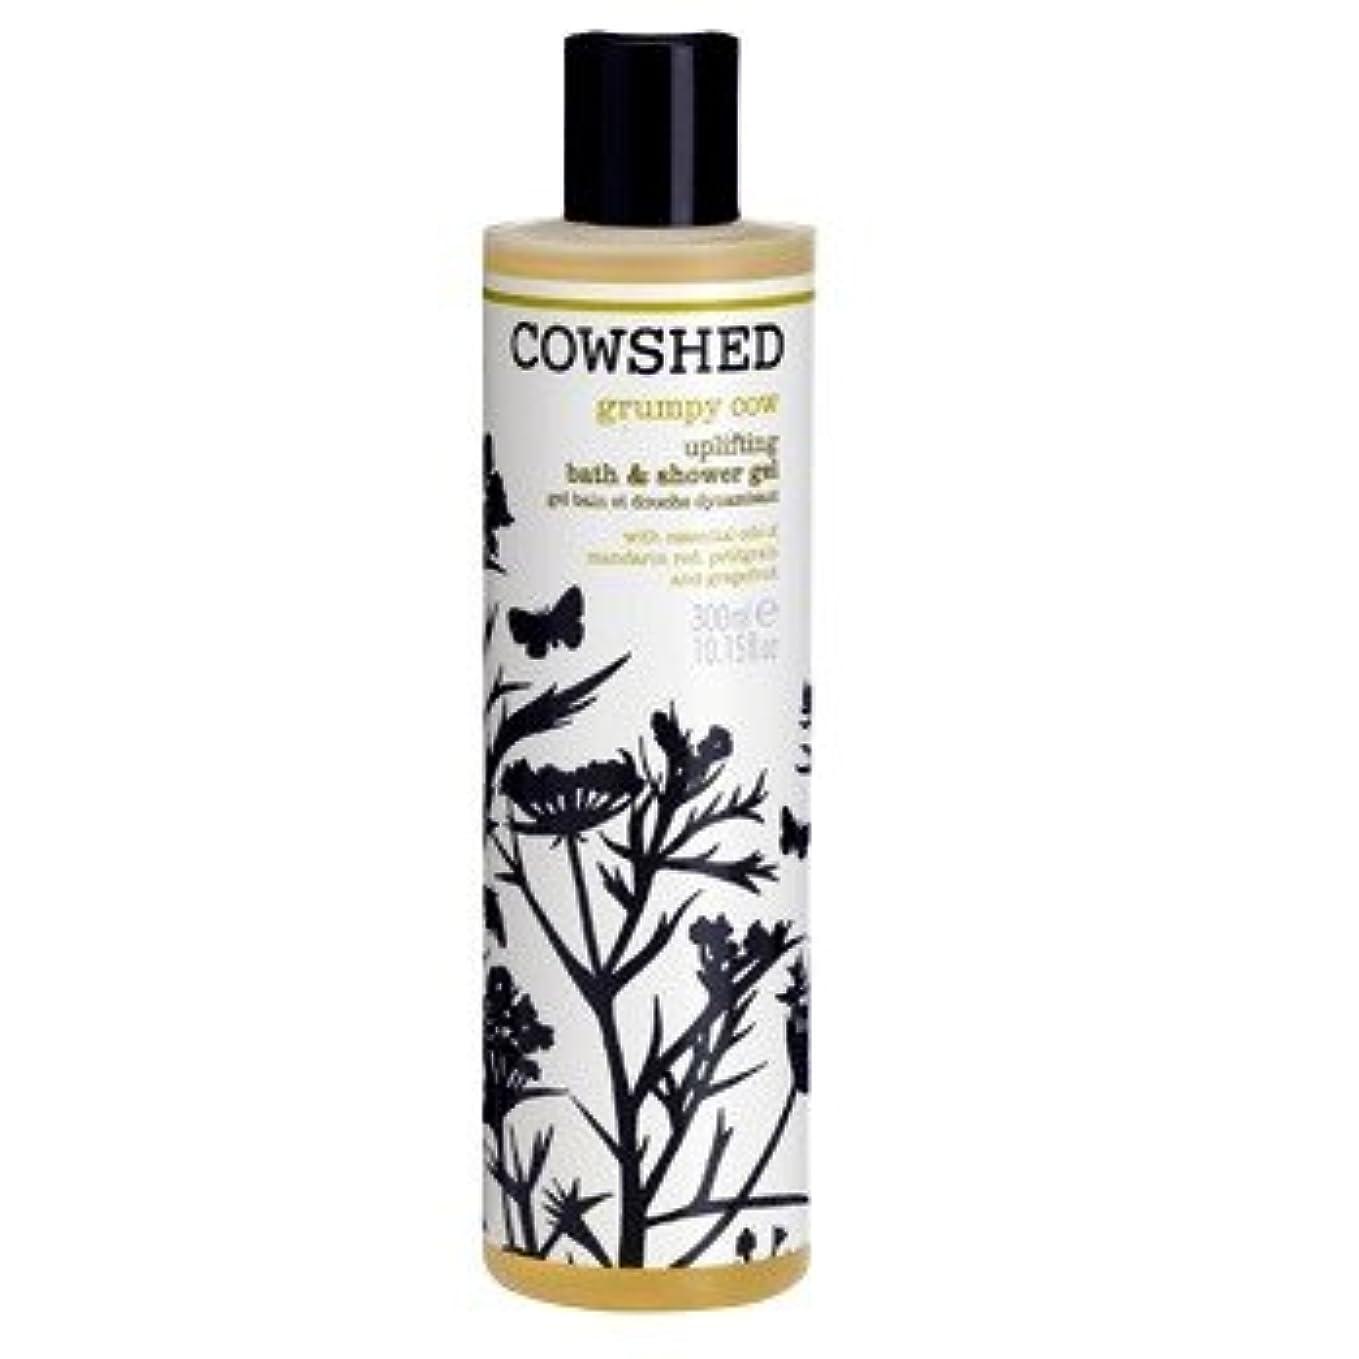 換気不機嫌ブレンド牛舎気難しい牛高揚バス&シャワージェル300ミリリットル (Cowshed) (x2) - Cowshed Grumpy Cow Uplifting Bath & Shower Gel 300ml (Pack of 2)...